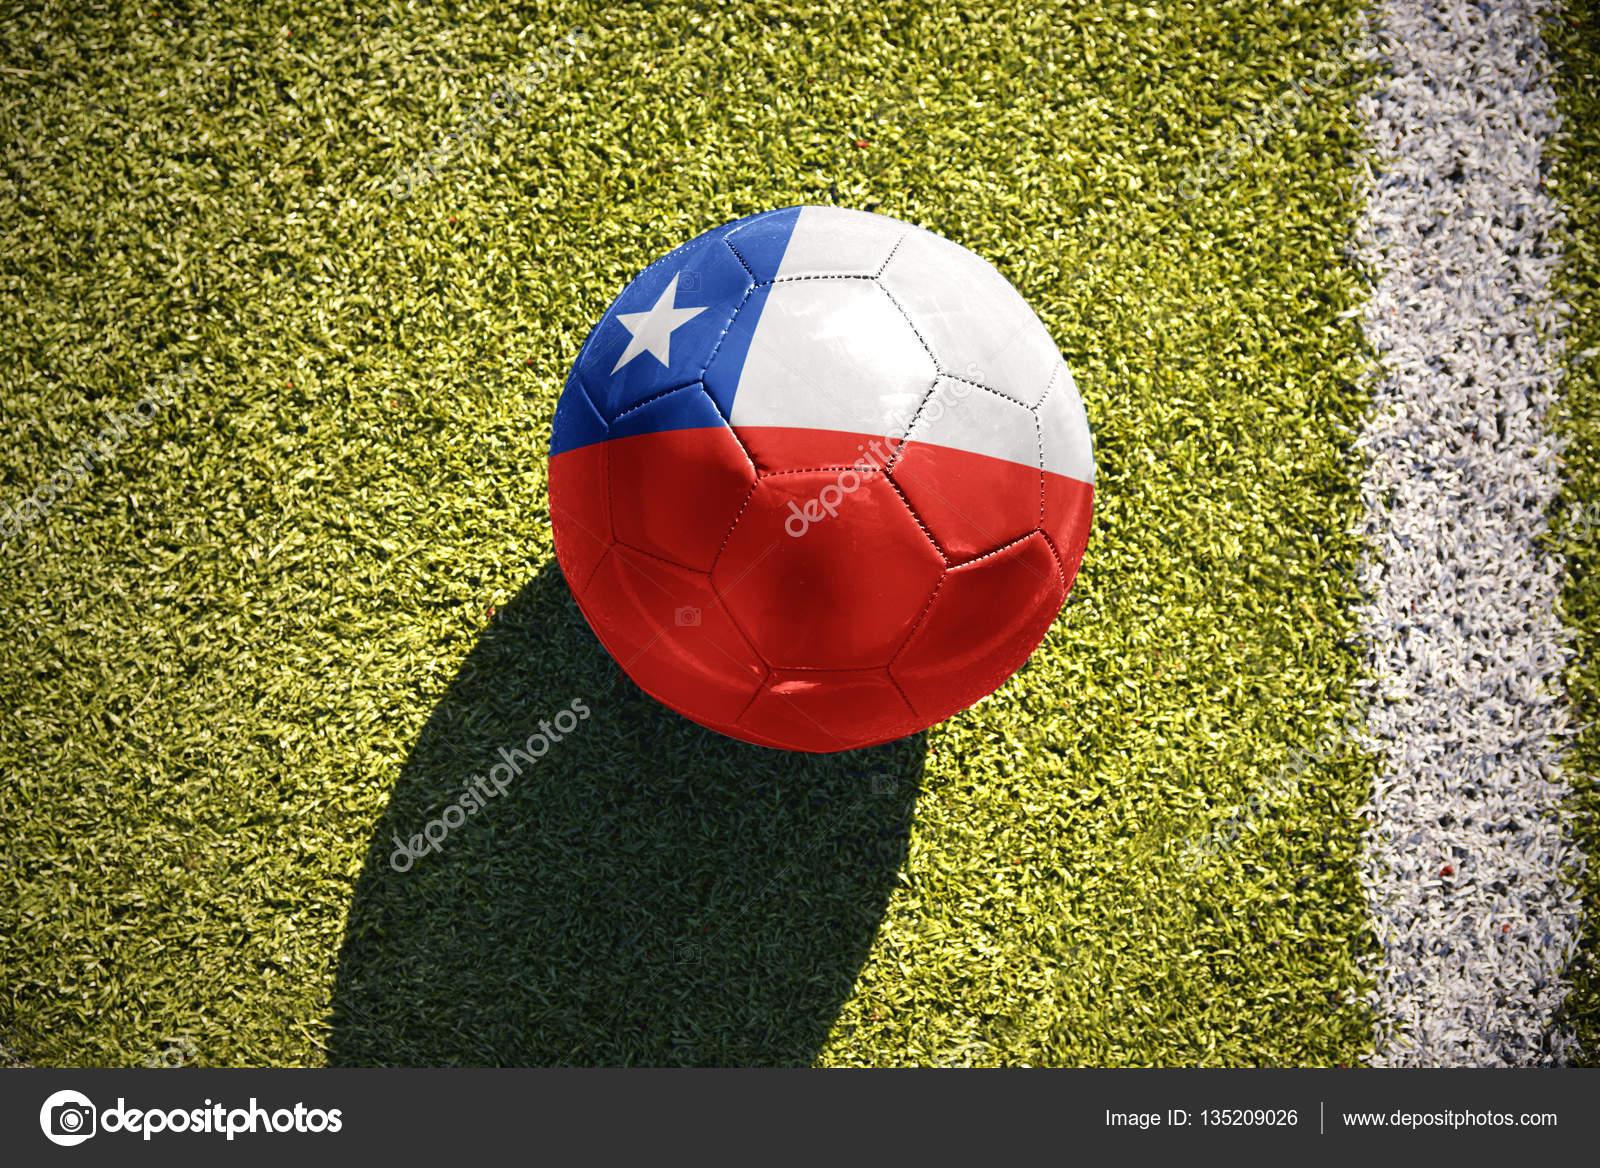 586220ab8ad2c Pelota de futbol con la bandera nacional de chile se encuentra en el campo  — Foto